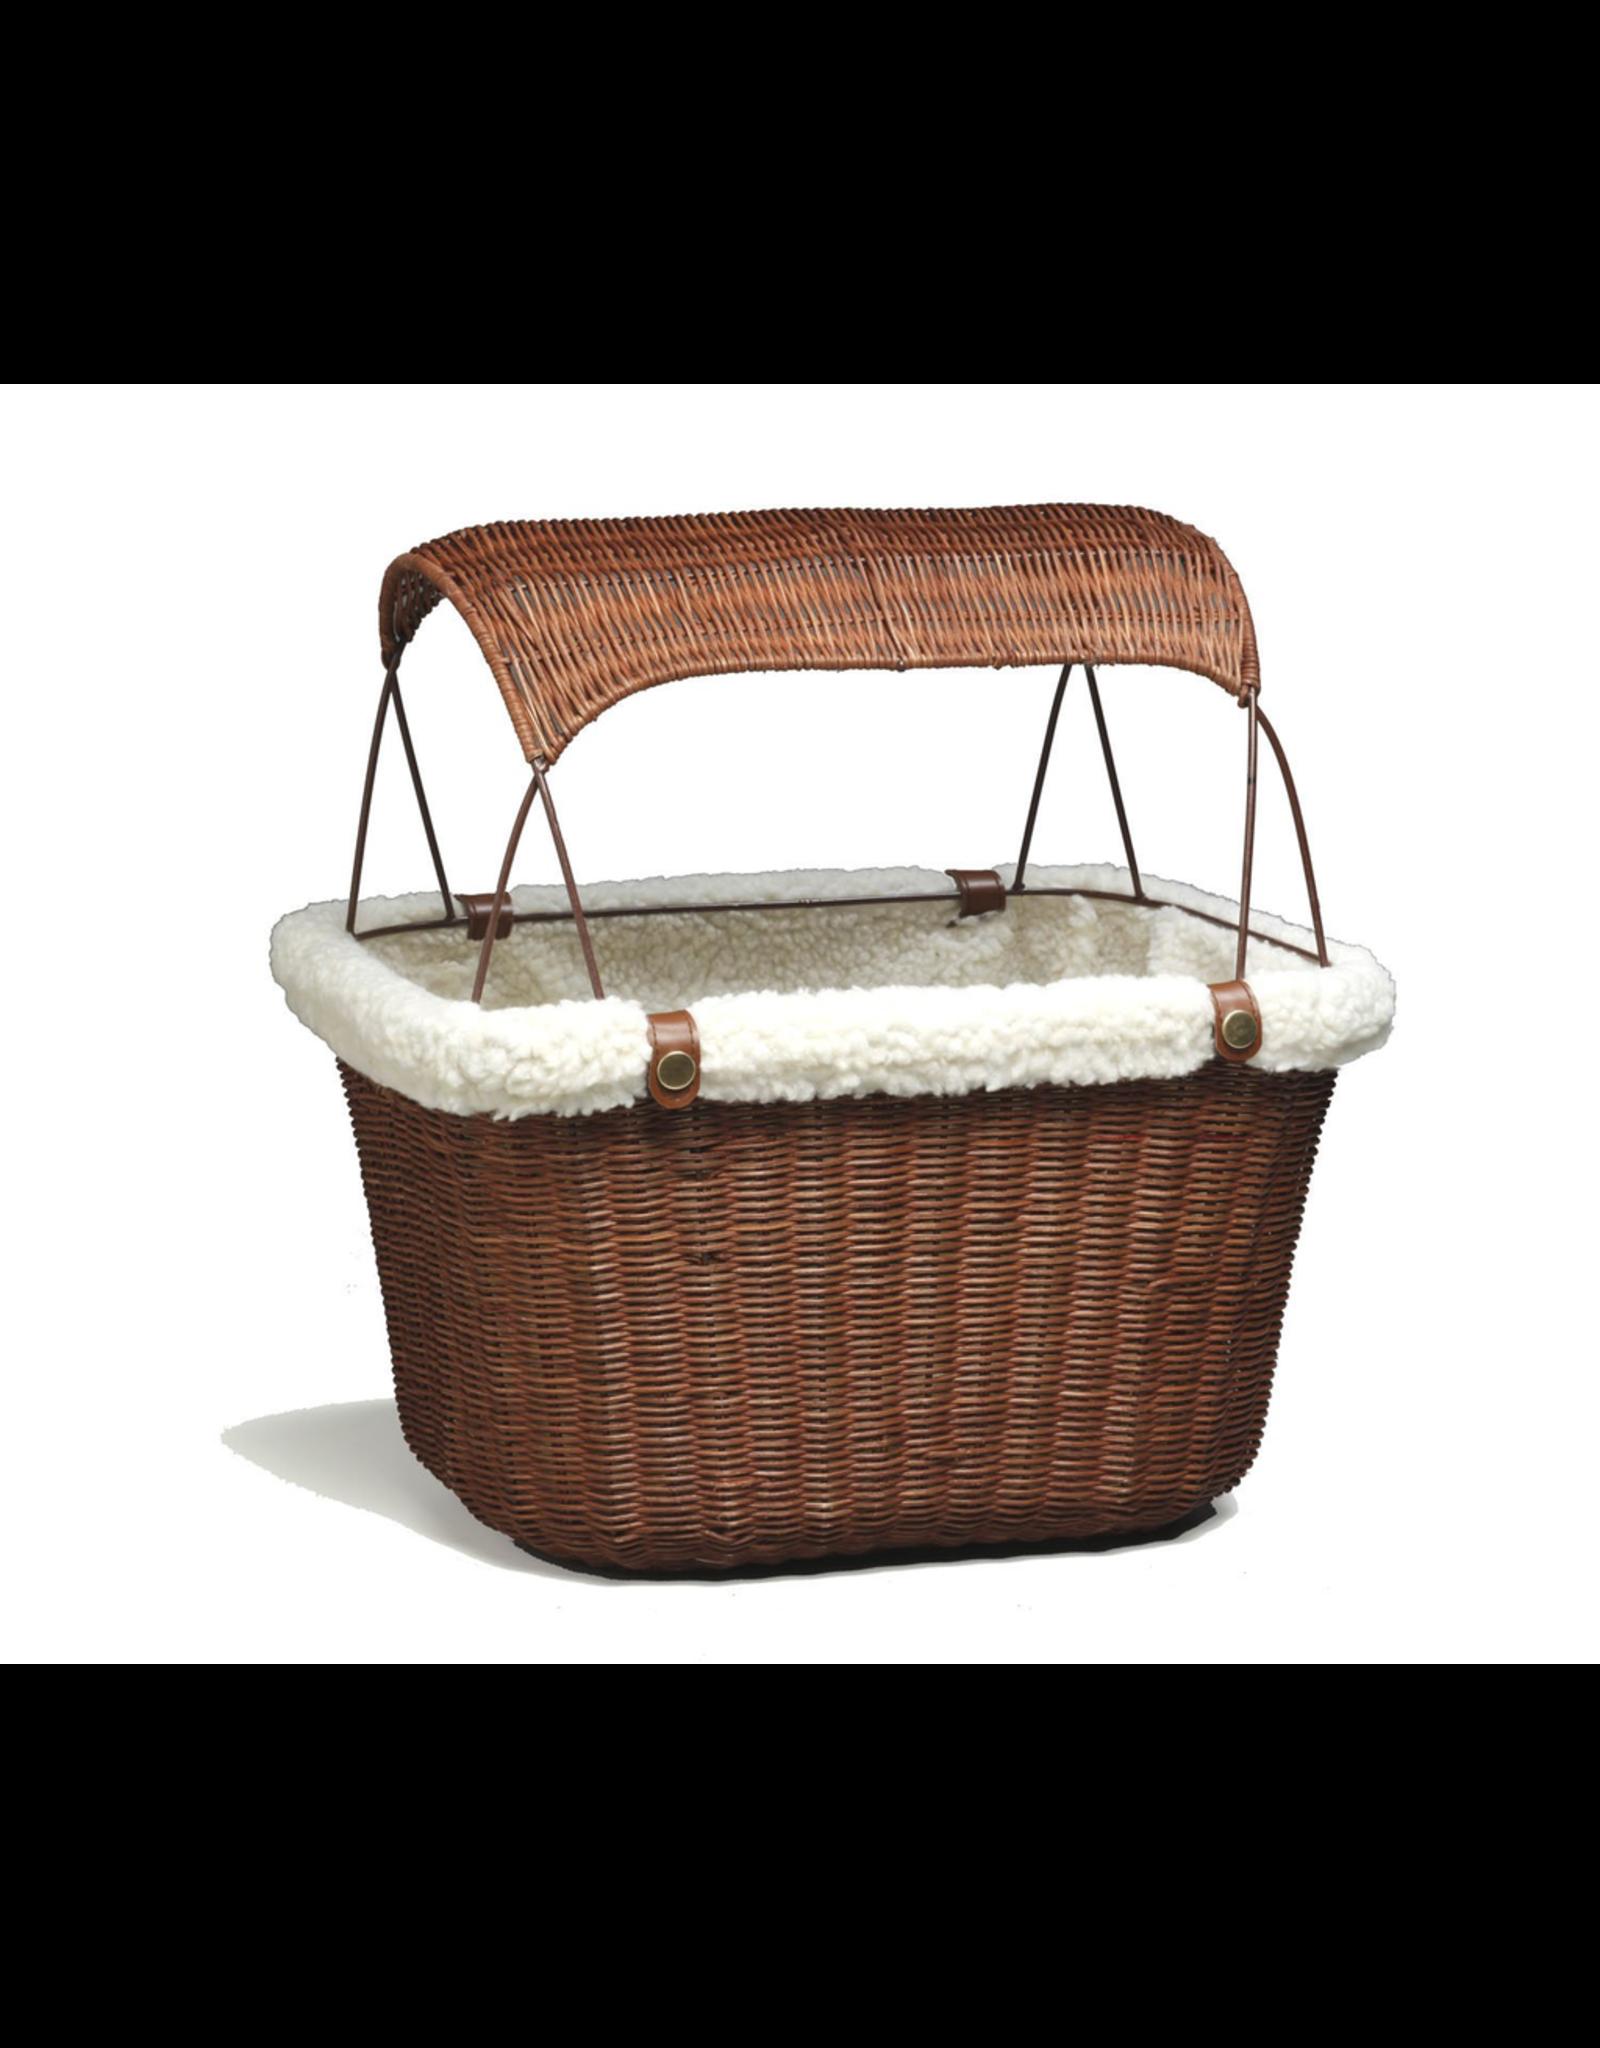 Solvit Solvit Pet Wicker Basket - Includes Sun Shade, Brown